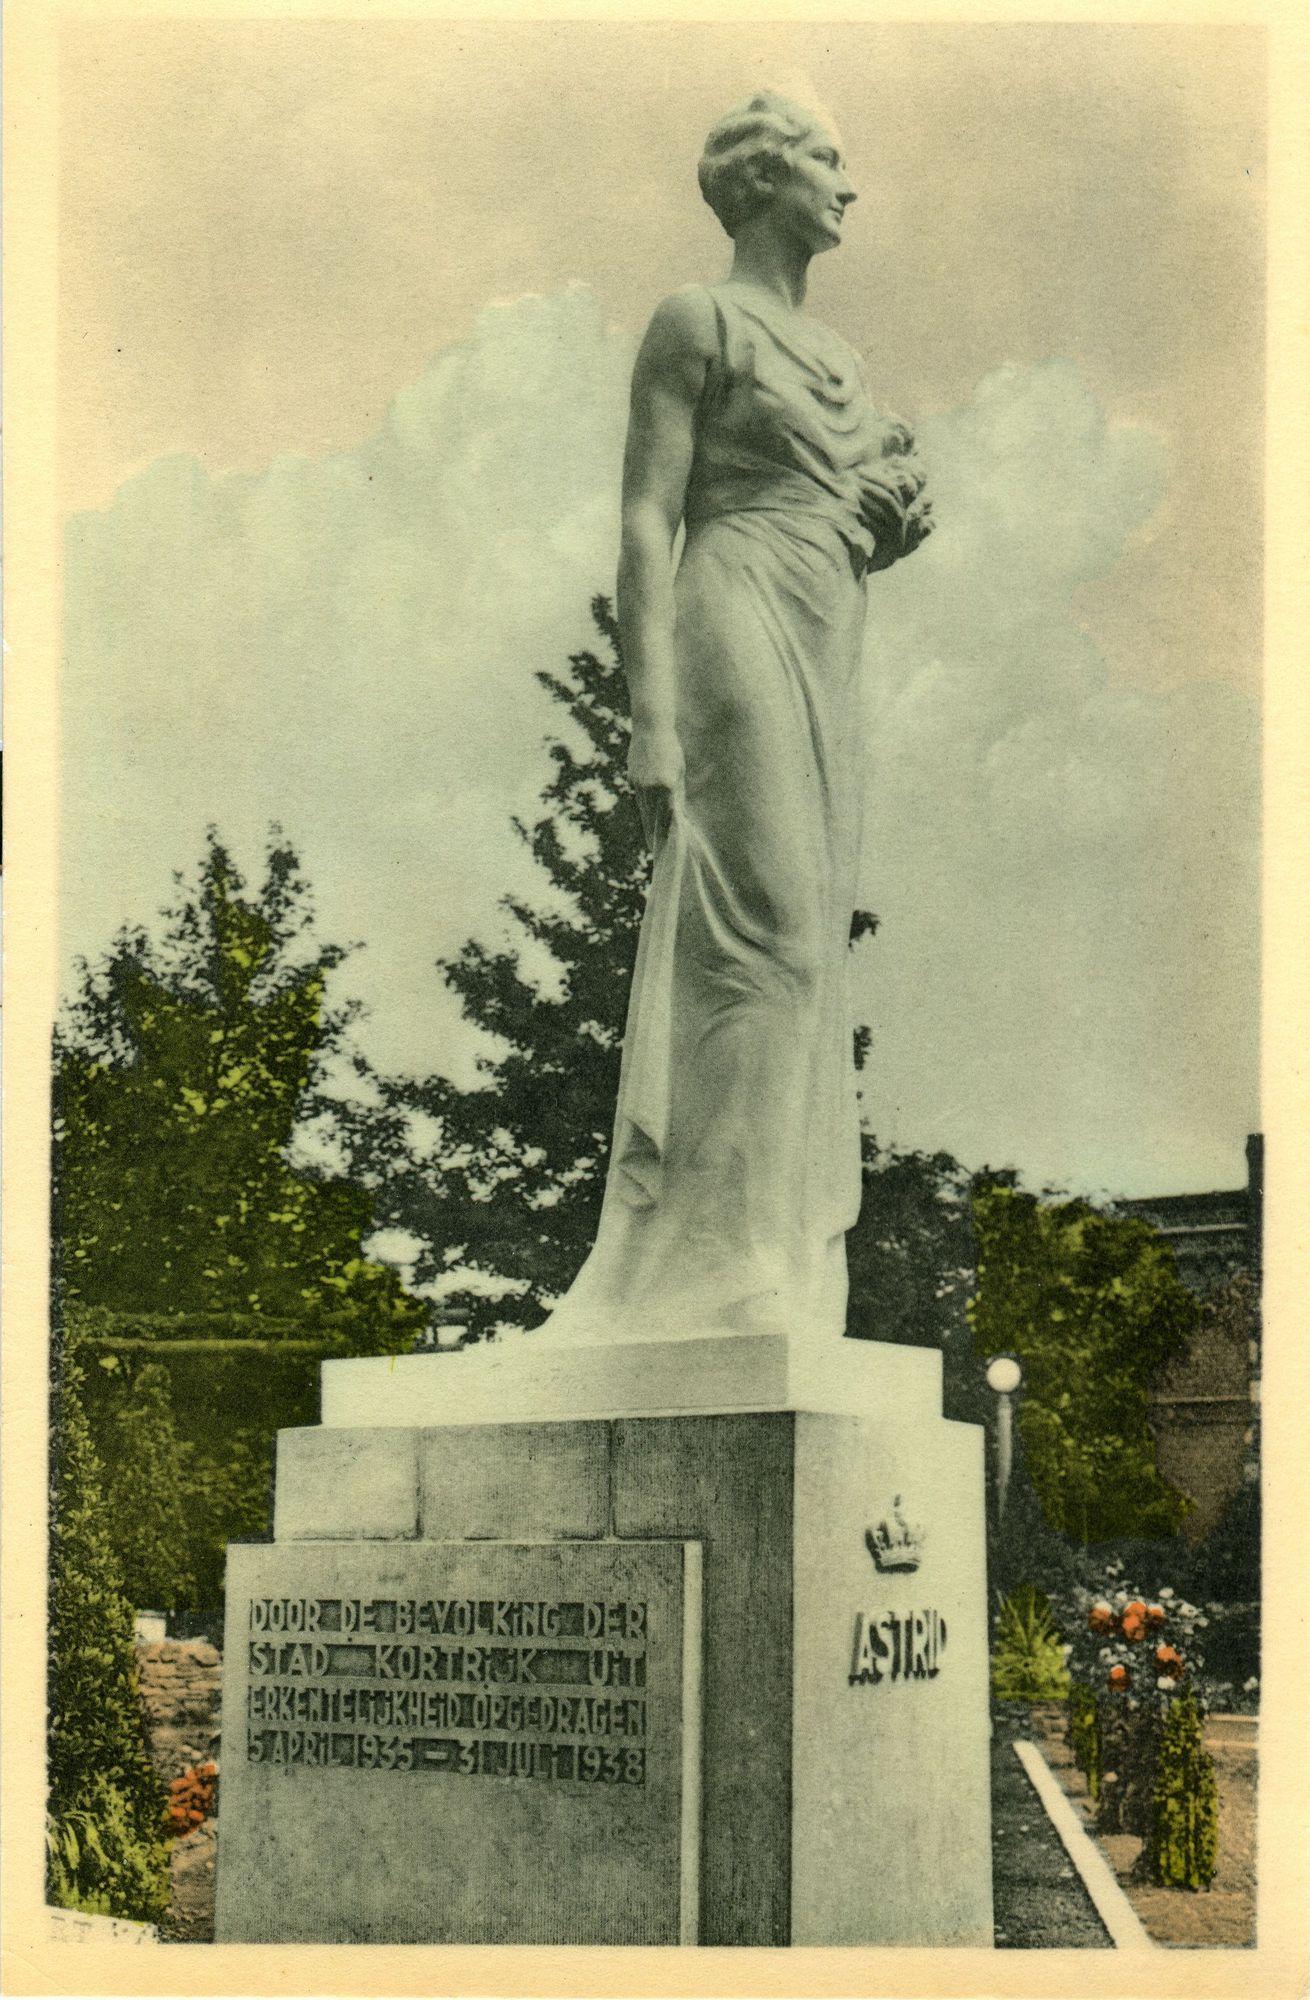 Standbeeld van Koningin Astrid